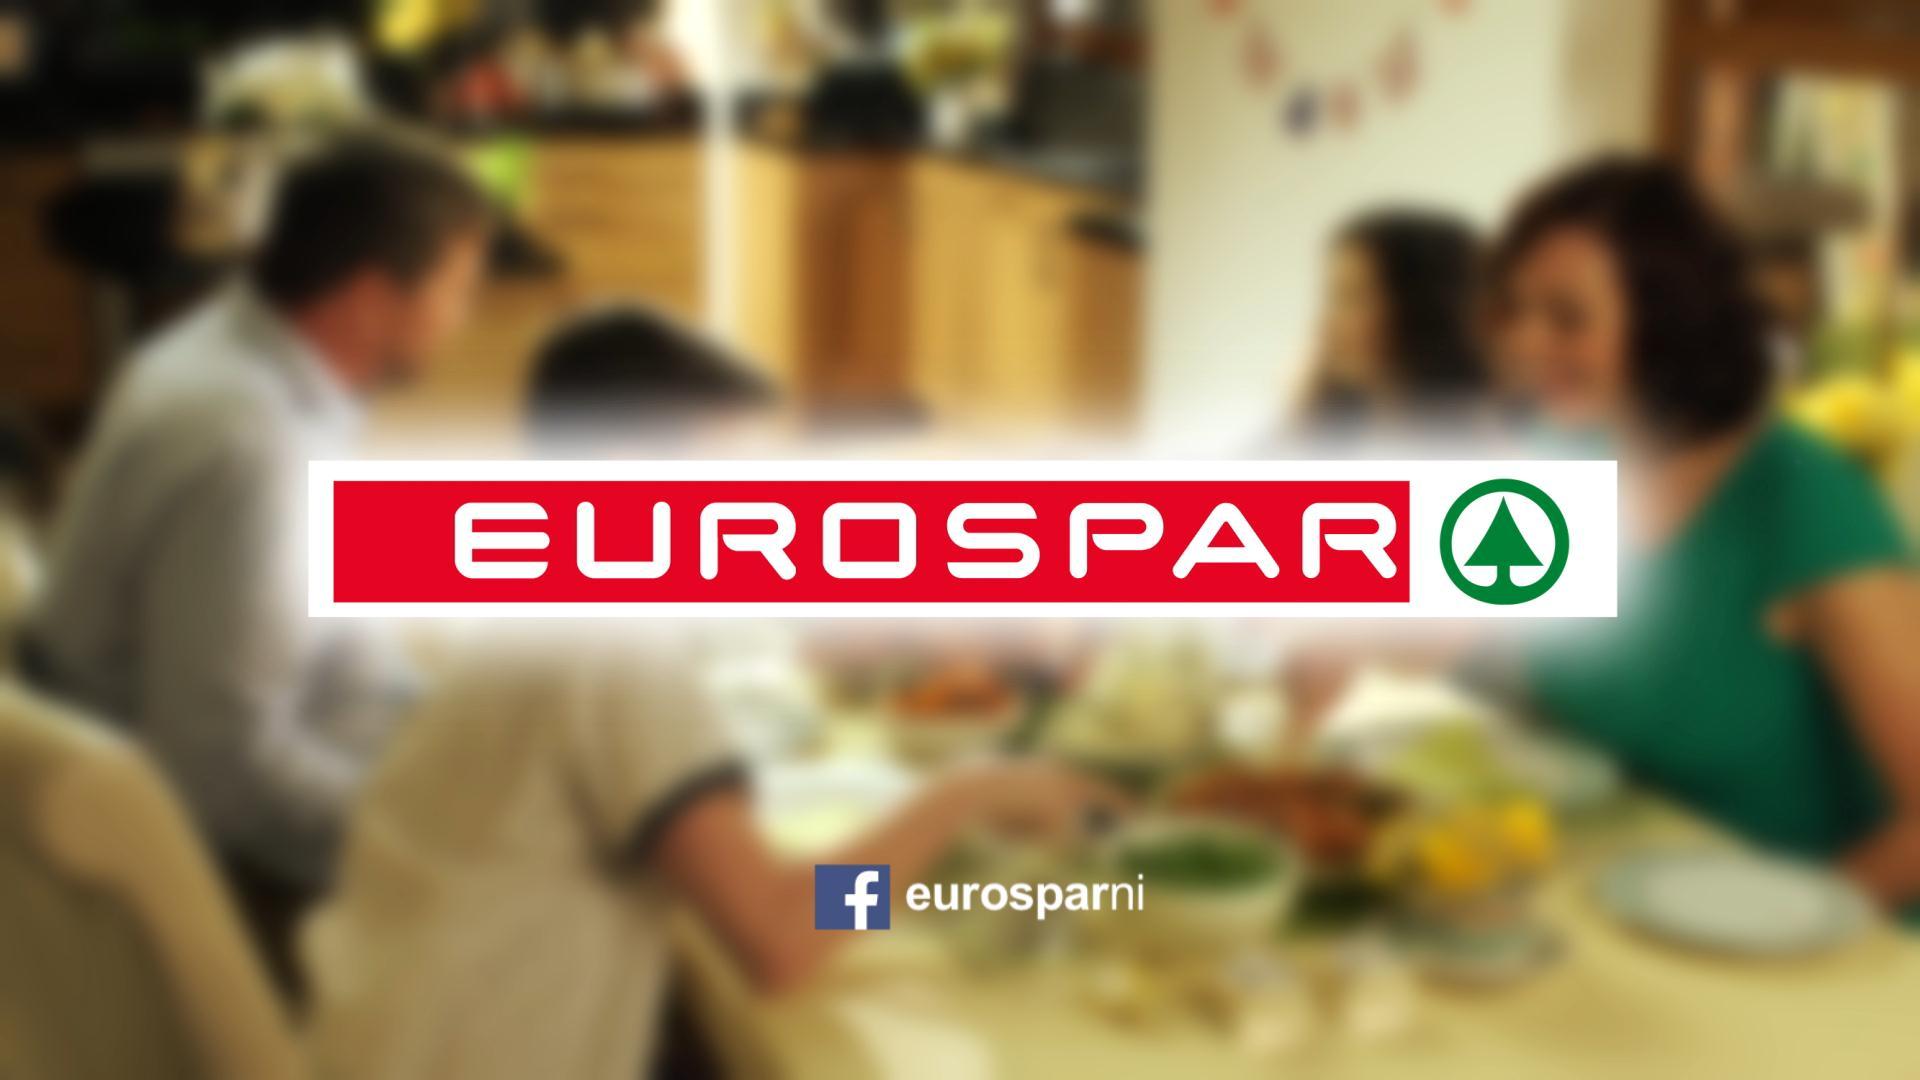 Eurospar Easter